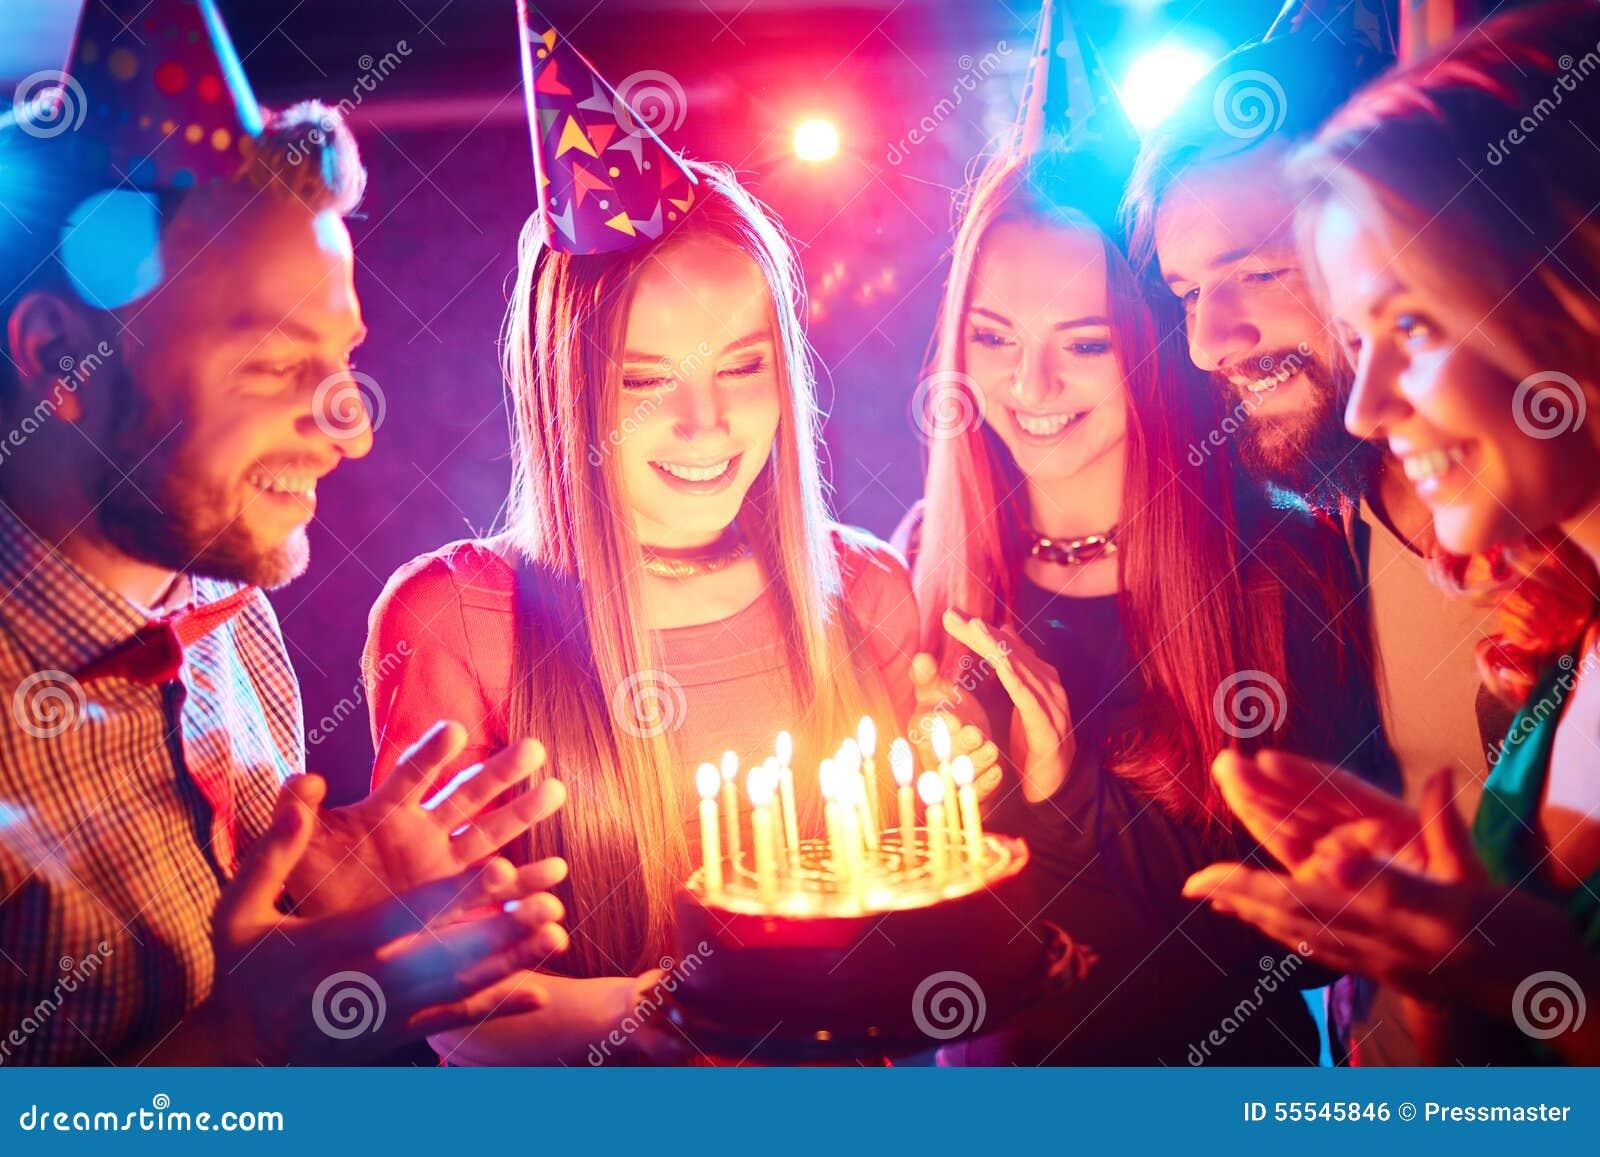 Идея фото на день рождения девушке